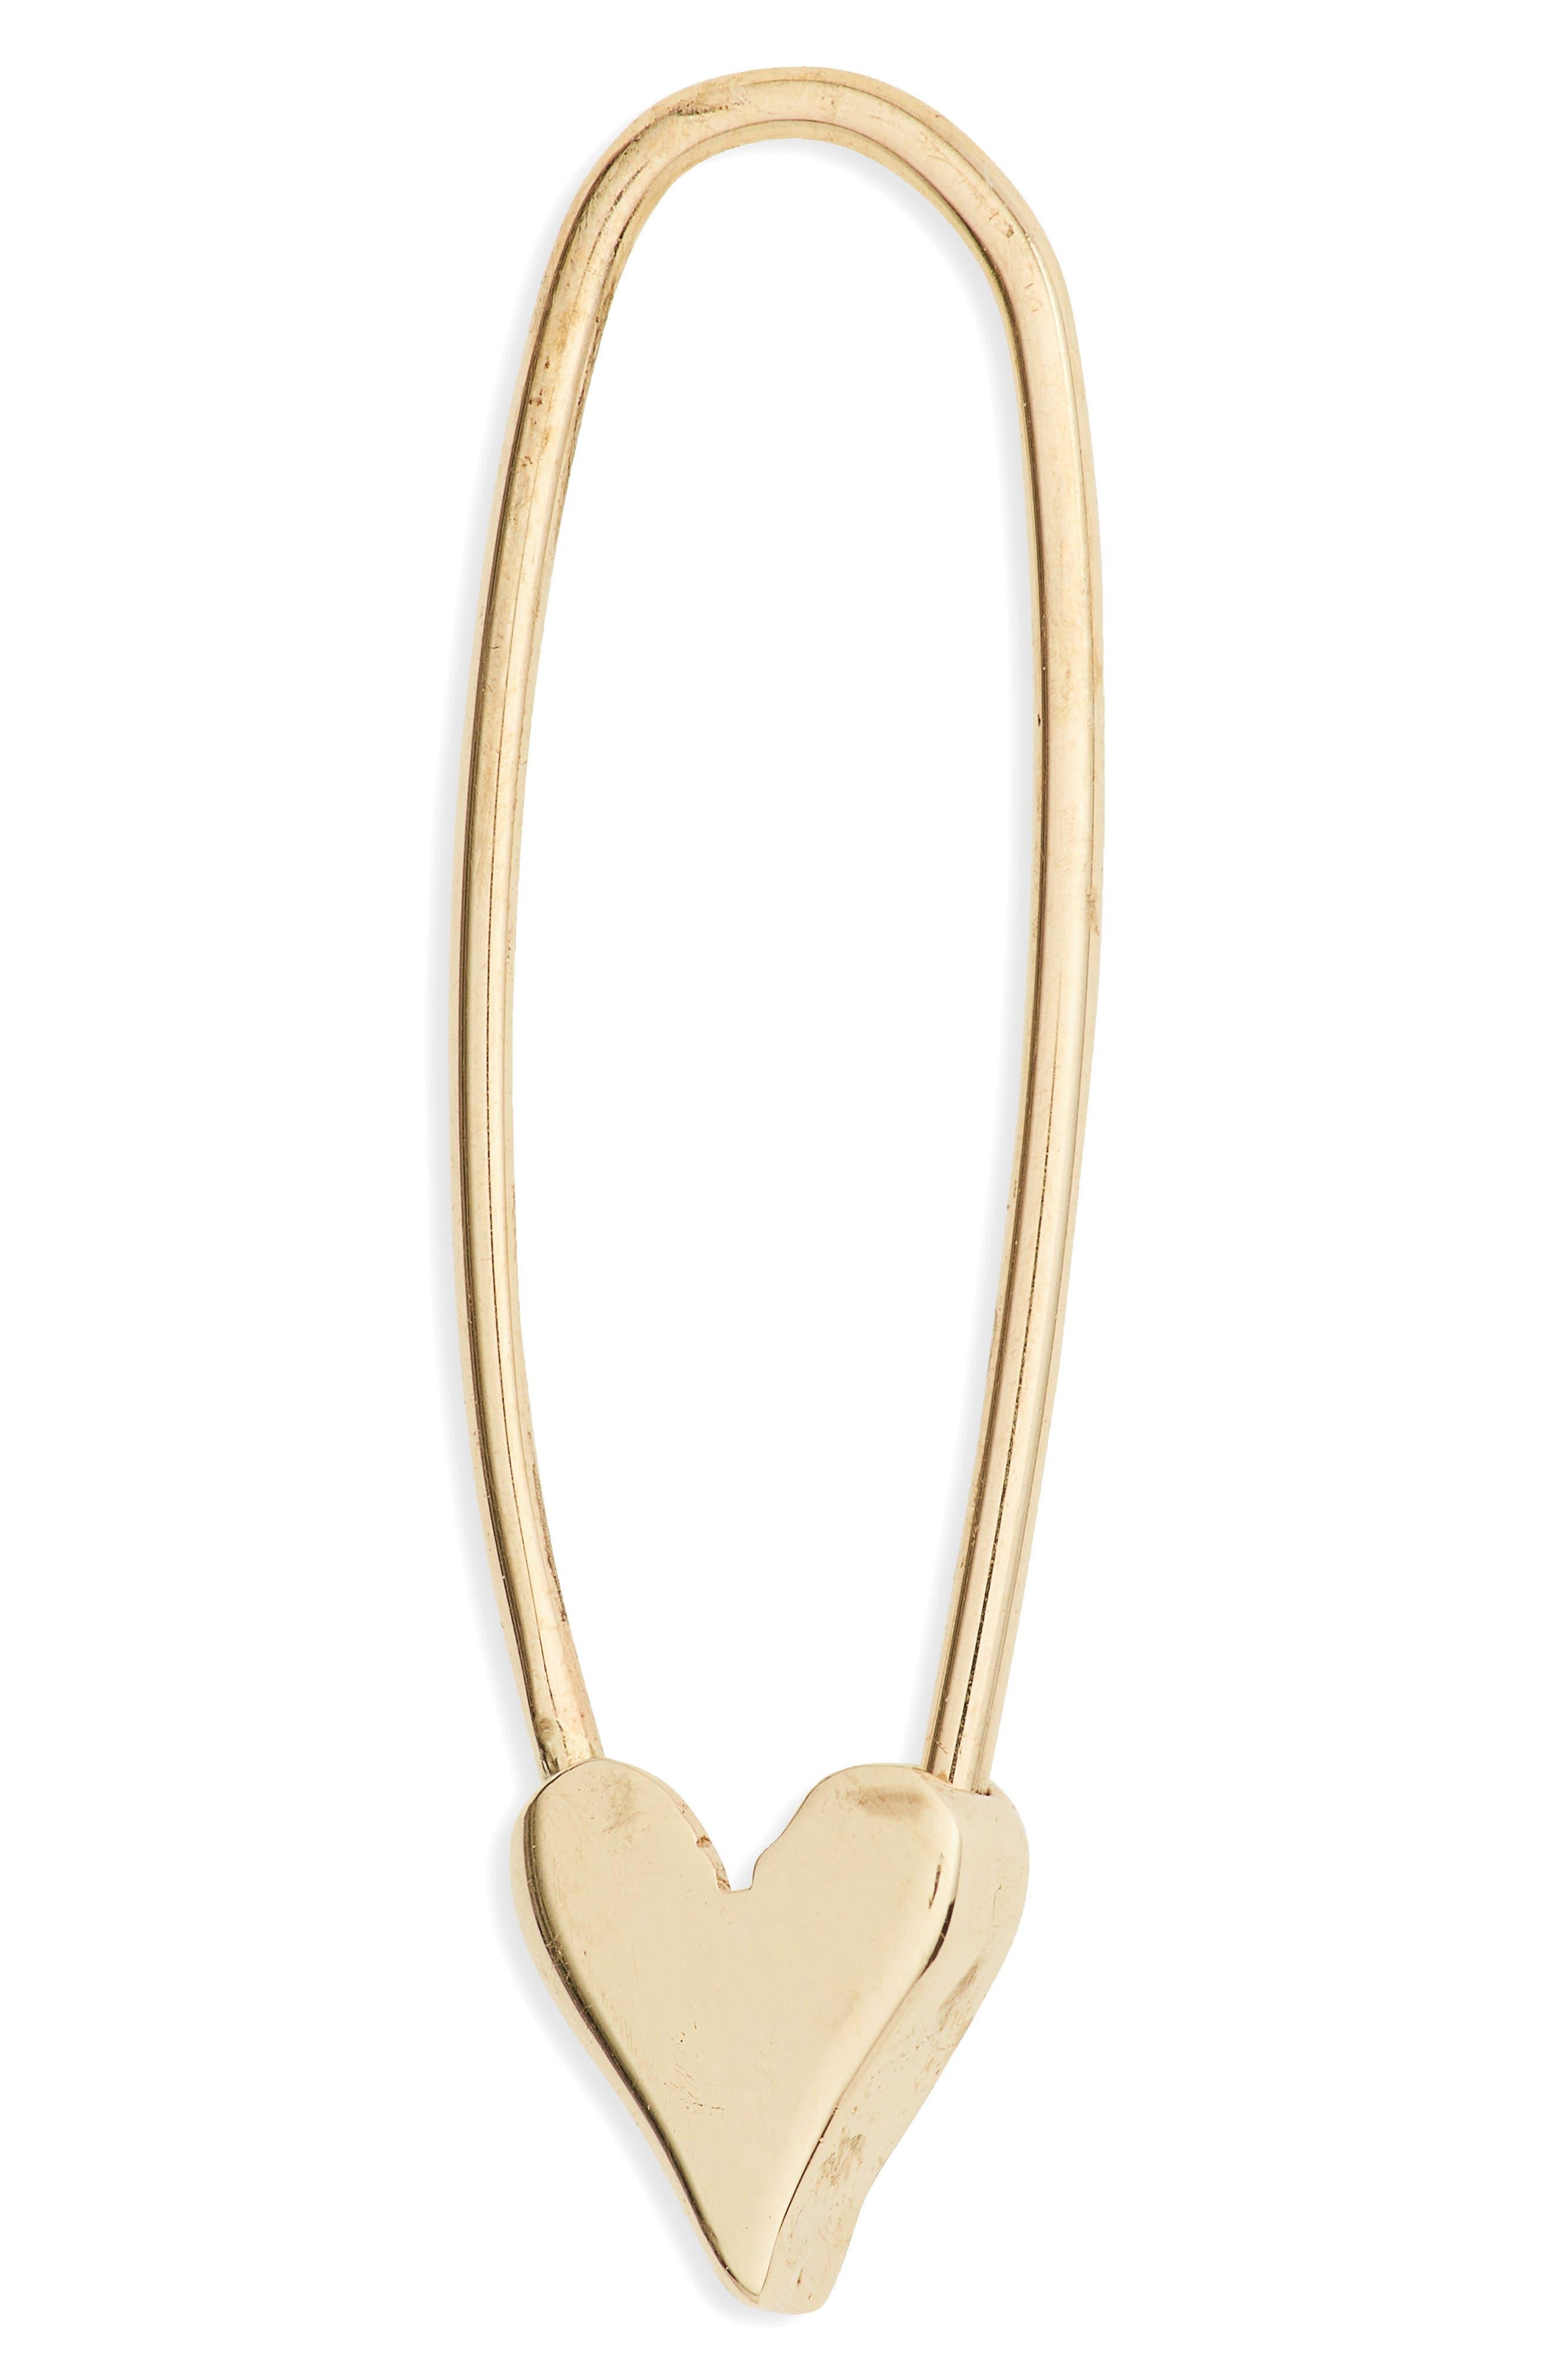 Heart Safety Pin Earrings